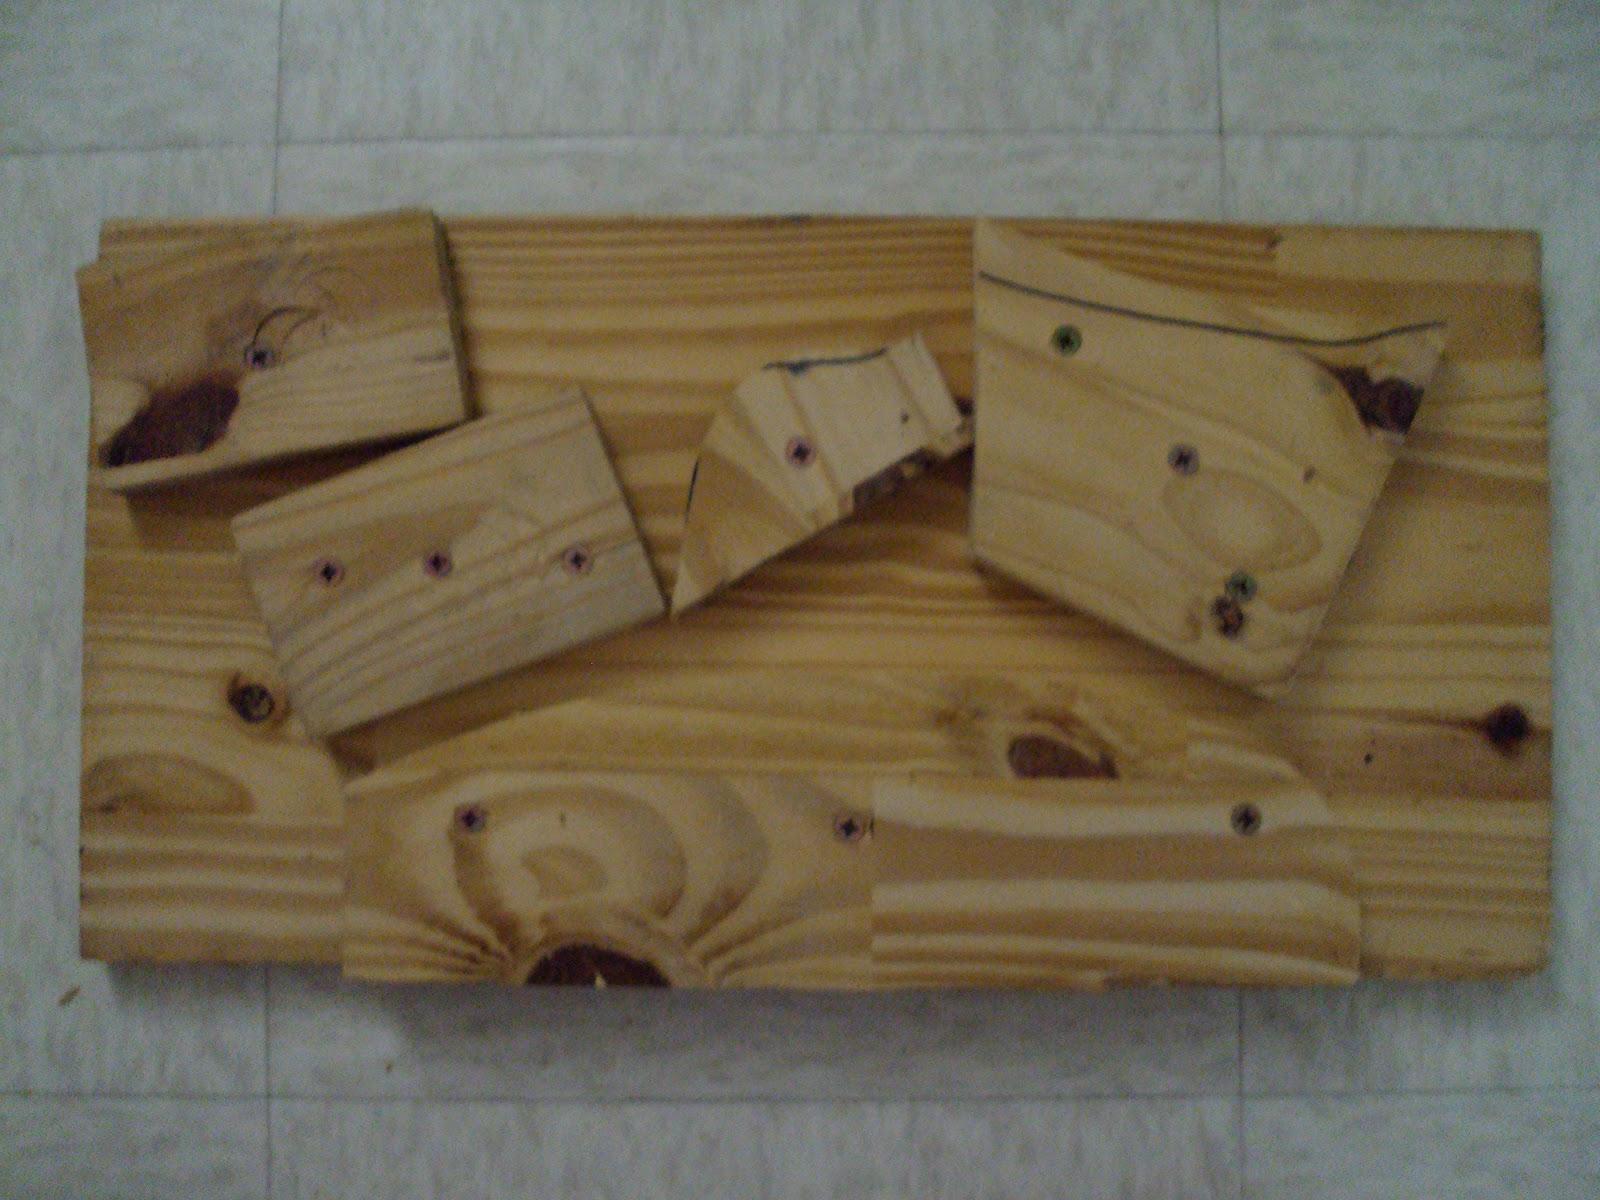 à bois, créer des prises plus complexes et peindre la poutre ~ Poutre Escalade Bois